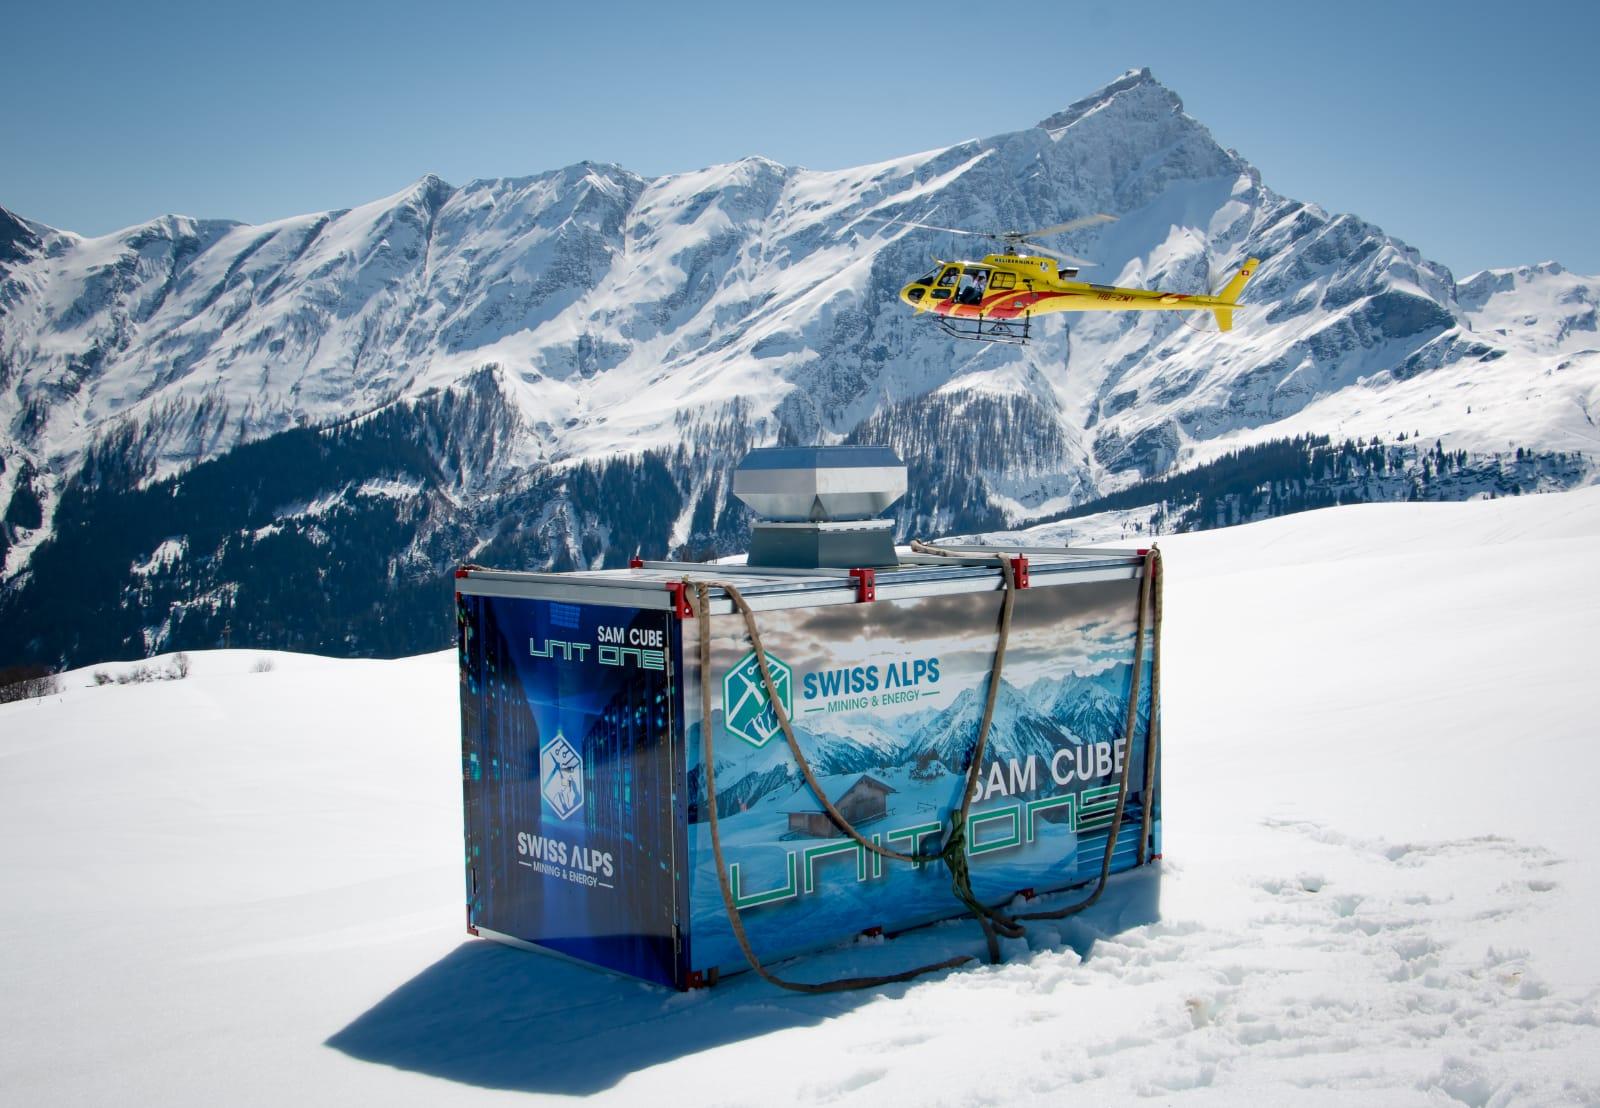 Компания Swiss Alps Energy AG (SAE) выступила с инициативой открыть в Швейцарских Альпах майнинговые центры. Разместить энергоёмкие производства предлагается высоко в горах на заброшенных фермах.